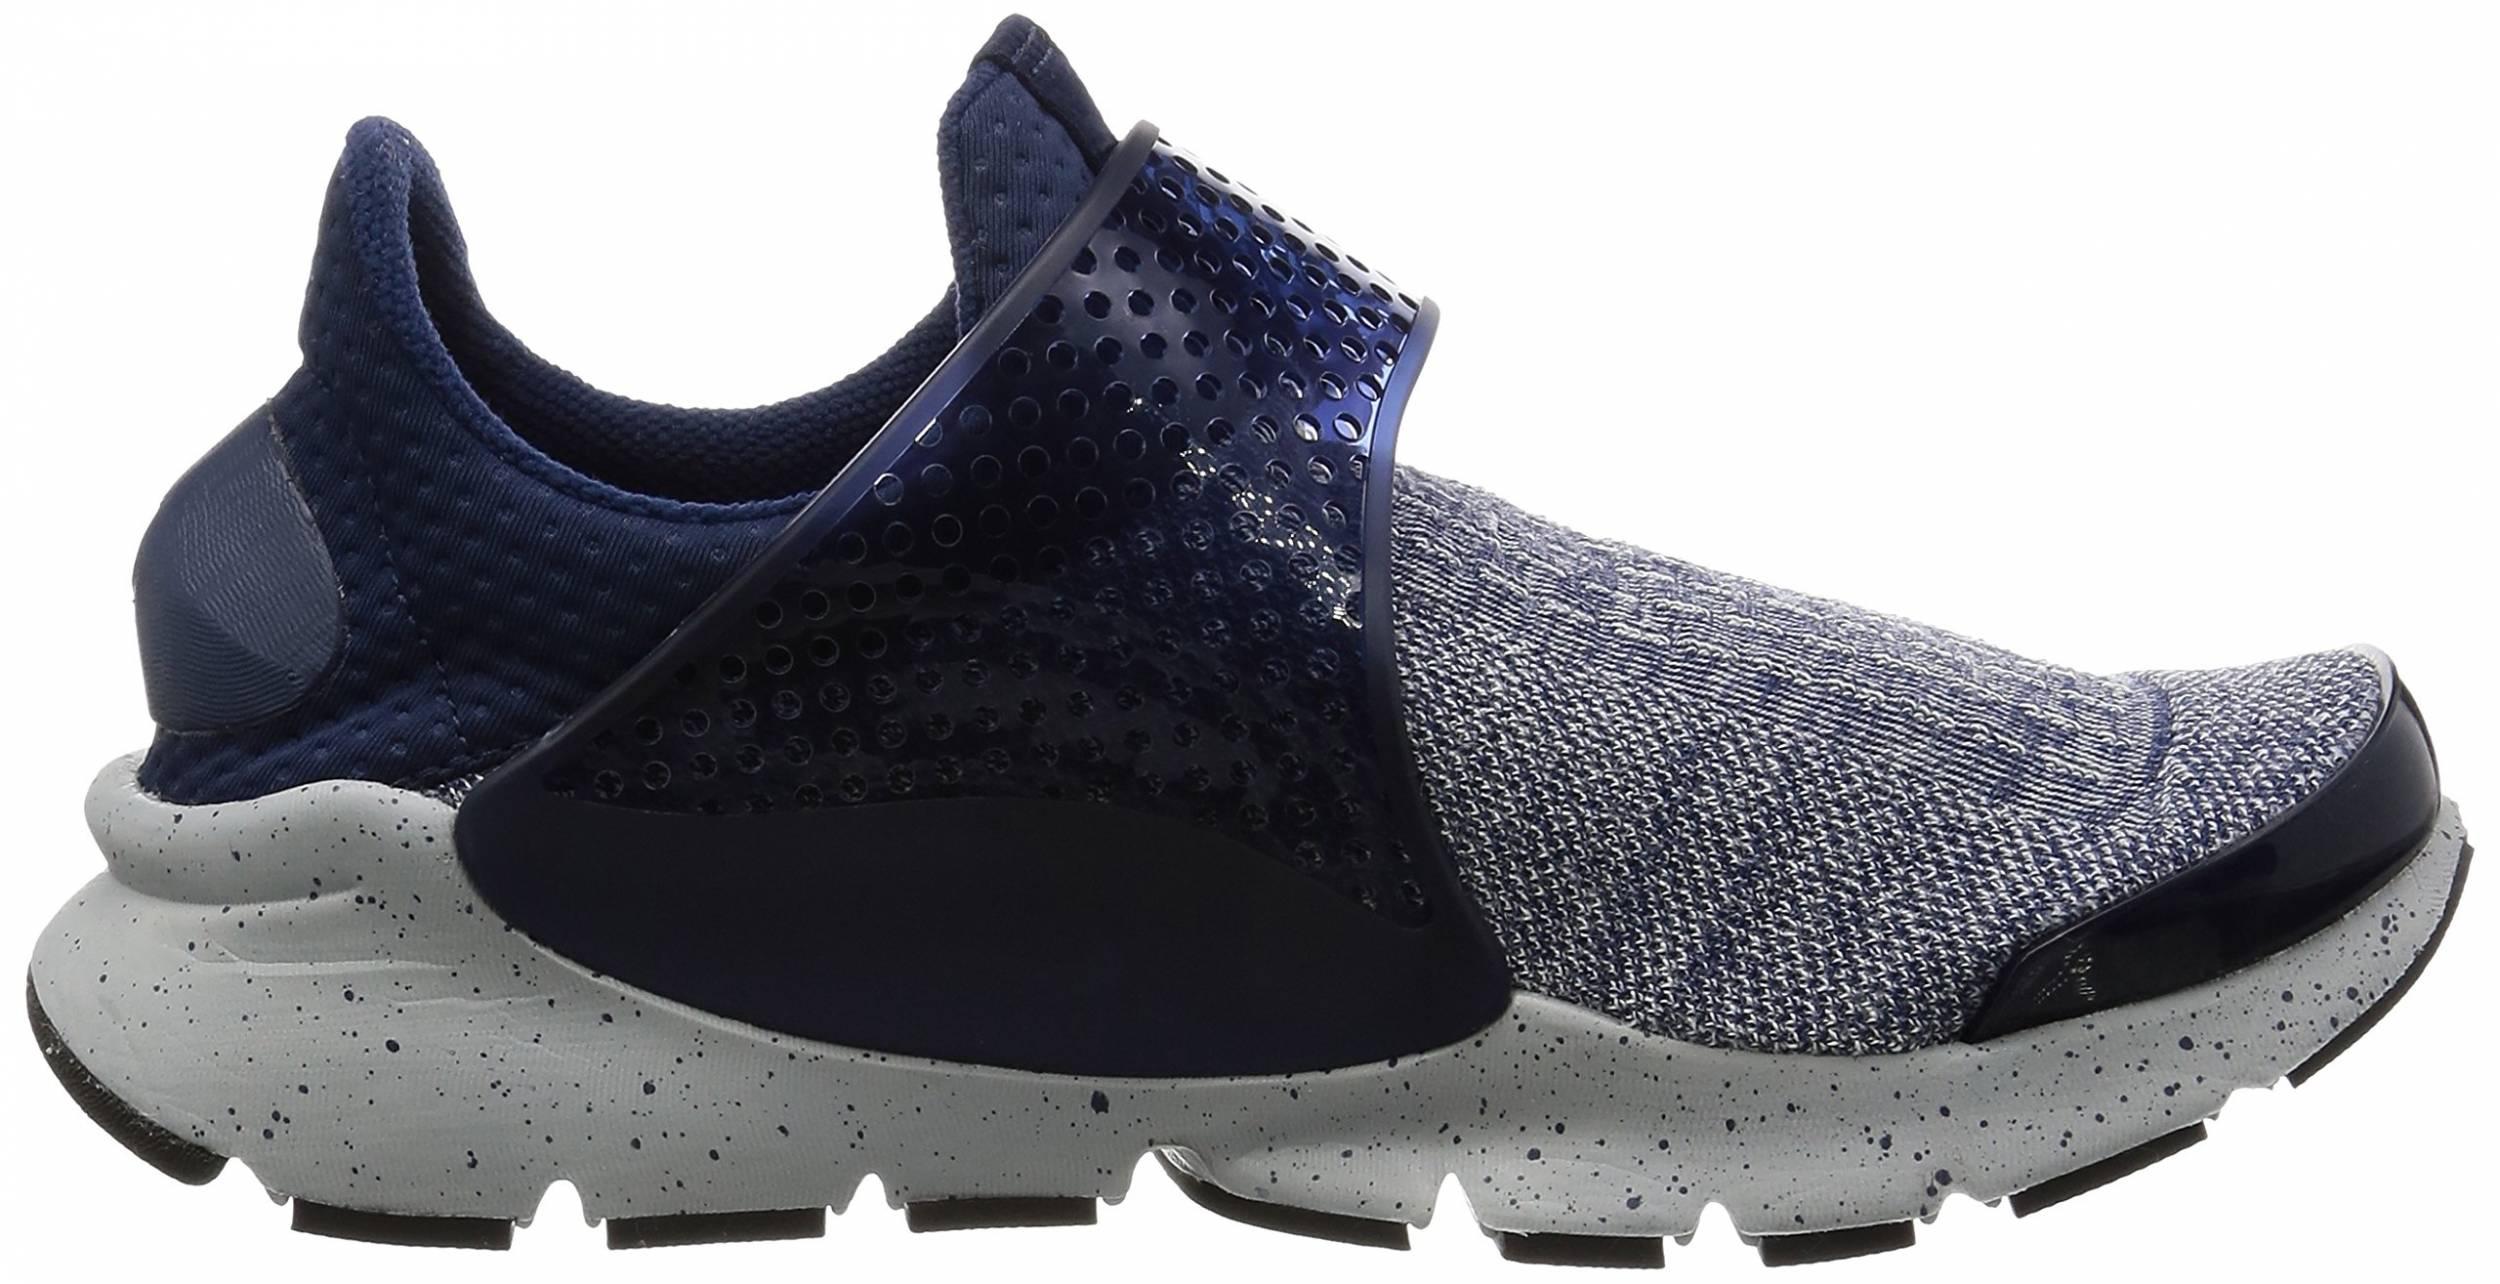 Nike Sock Dart 2020 Only $100 + Review of Nike Sock Dart SE Premium | RunRepeat